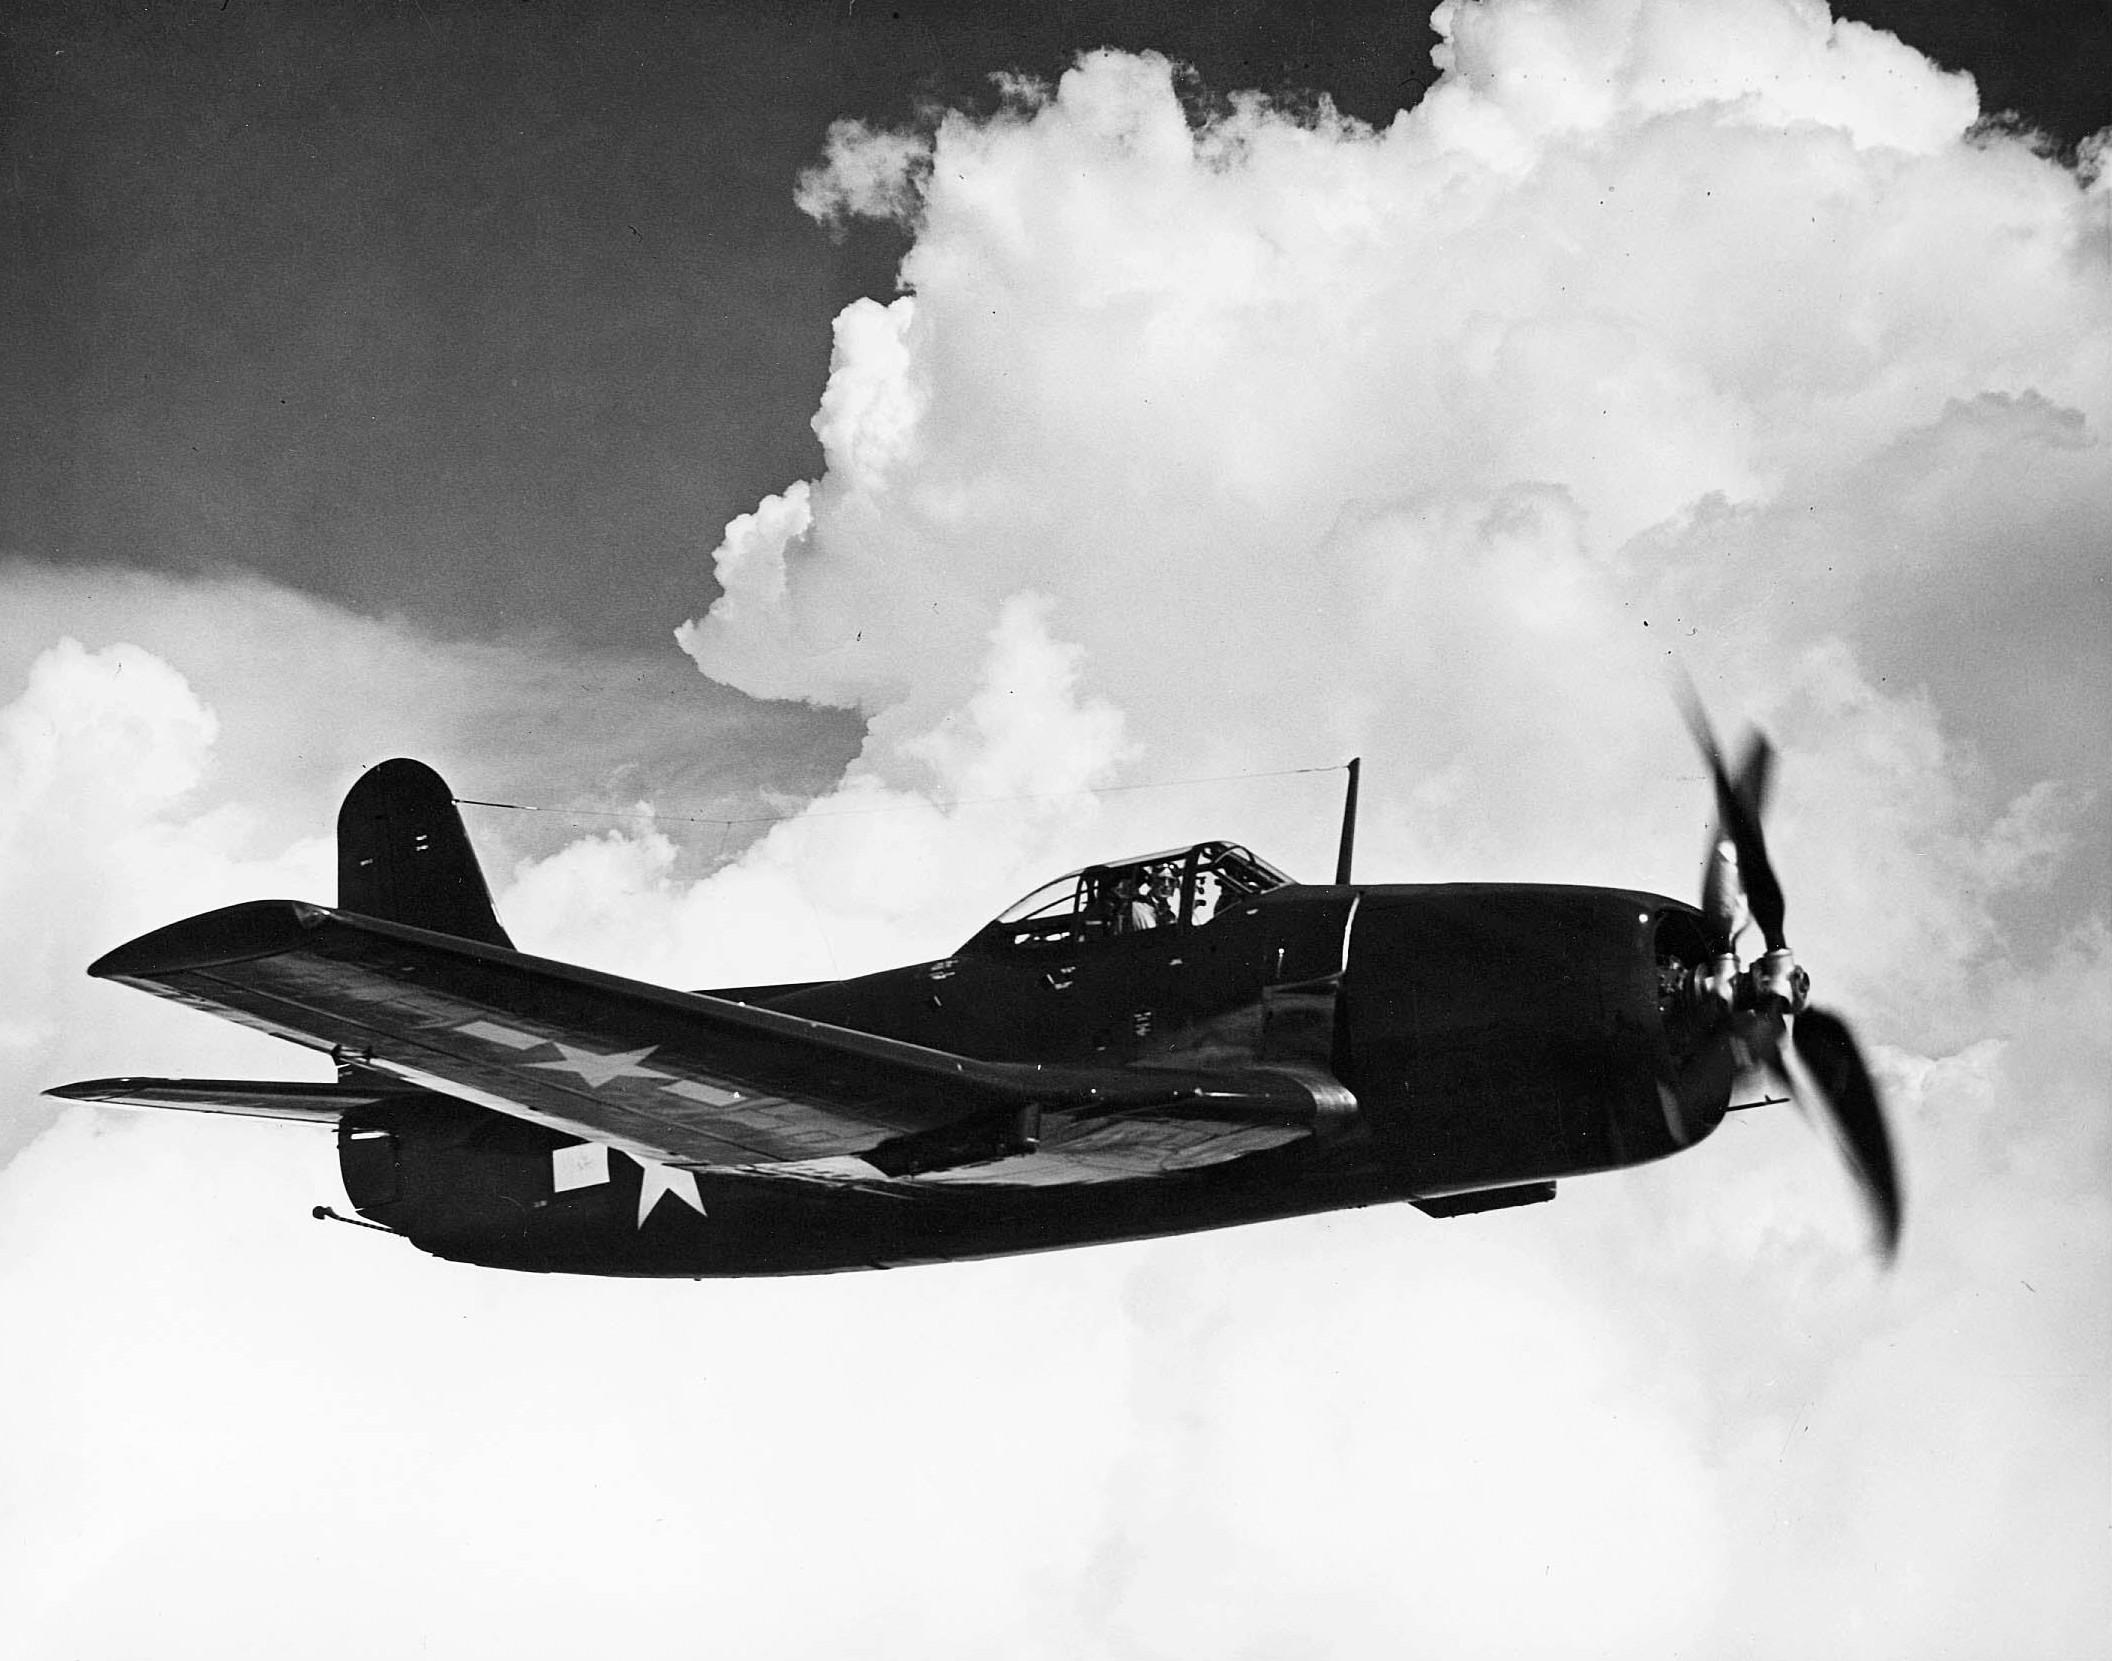 Curtiss_XBTC-2_Model_B_in_flight